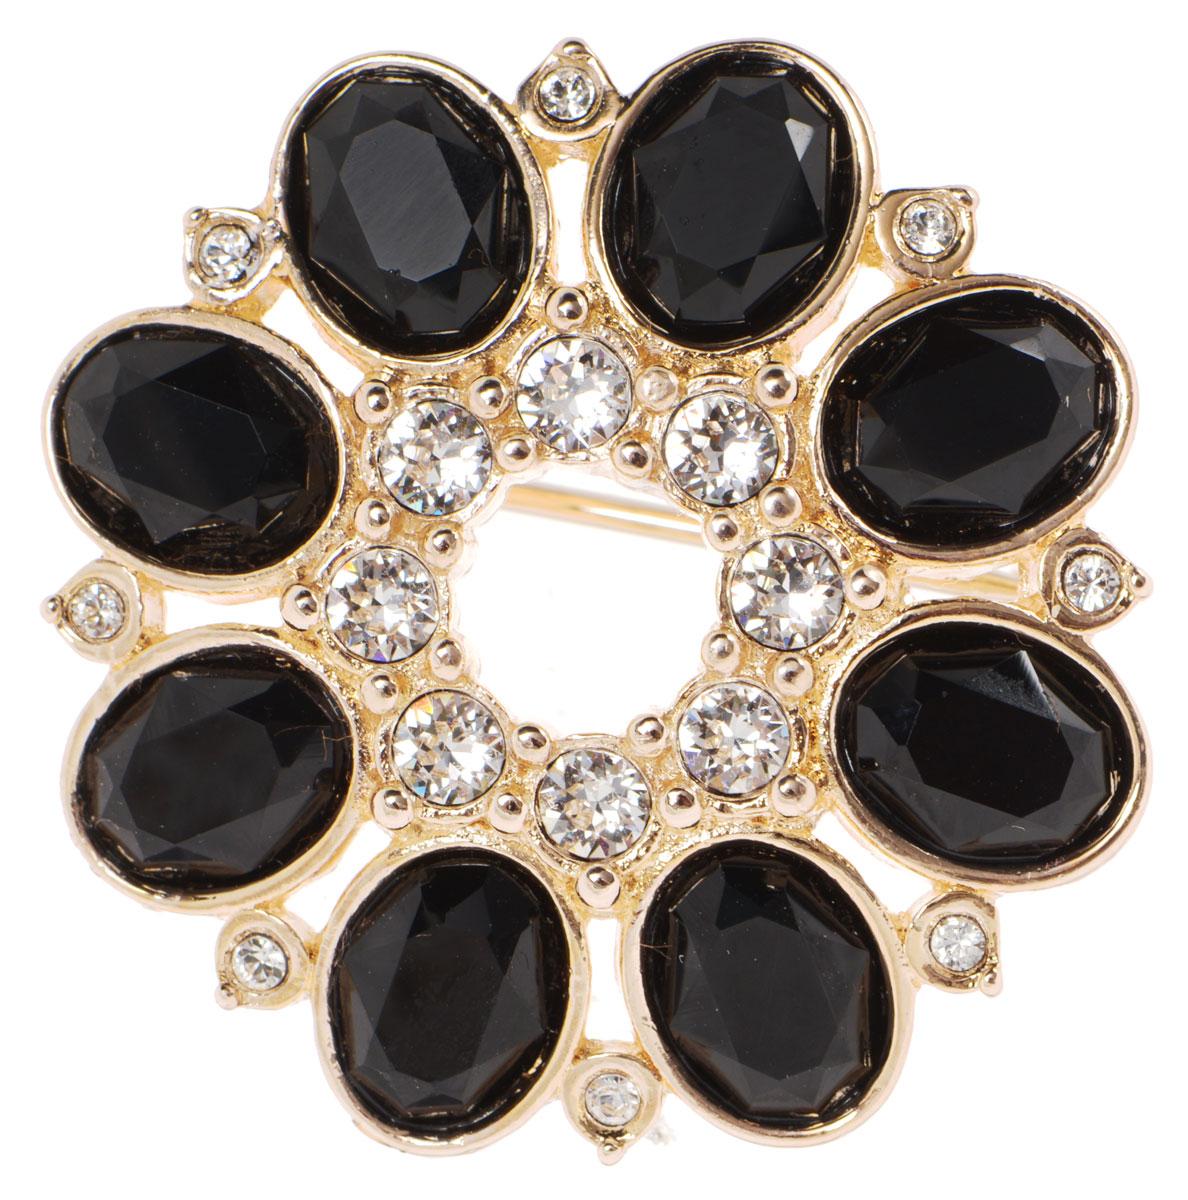 Брошь Jenavi Ениш, цвет: золотой, белый, черный. k320p606k320p606Стильная брошь Jenavi Ениш выполнена в виде цветка из гипоаллергенного ювелирного сплава с позолотой и дополнена вставками из кристаллов Swarovski. Изделие застегивается на классическую английскую булавку. Брошь Jenavi Ениш поможет дополнить любой образ и привнести в него завершающий яркий штрих.